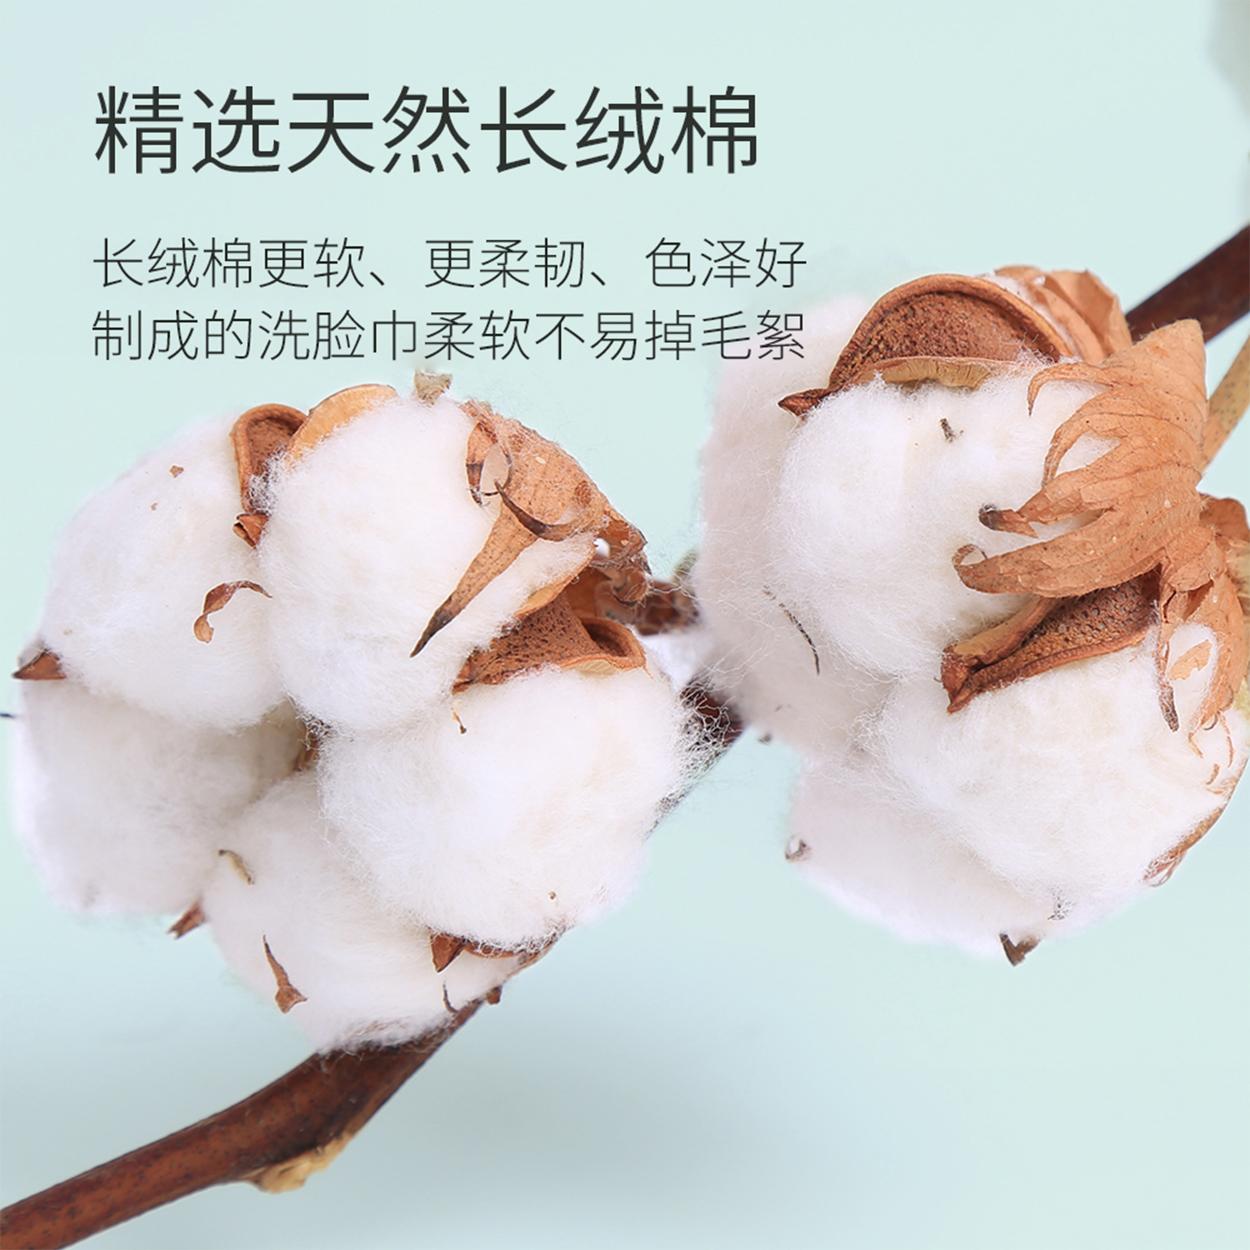 日本尼西卡洗脸巾女卷筒式一次性纯棉无菌洁面巾擦脸巾洗面巾加厚